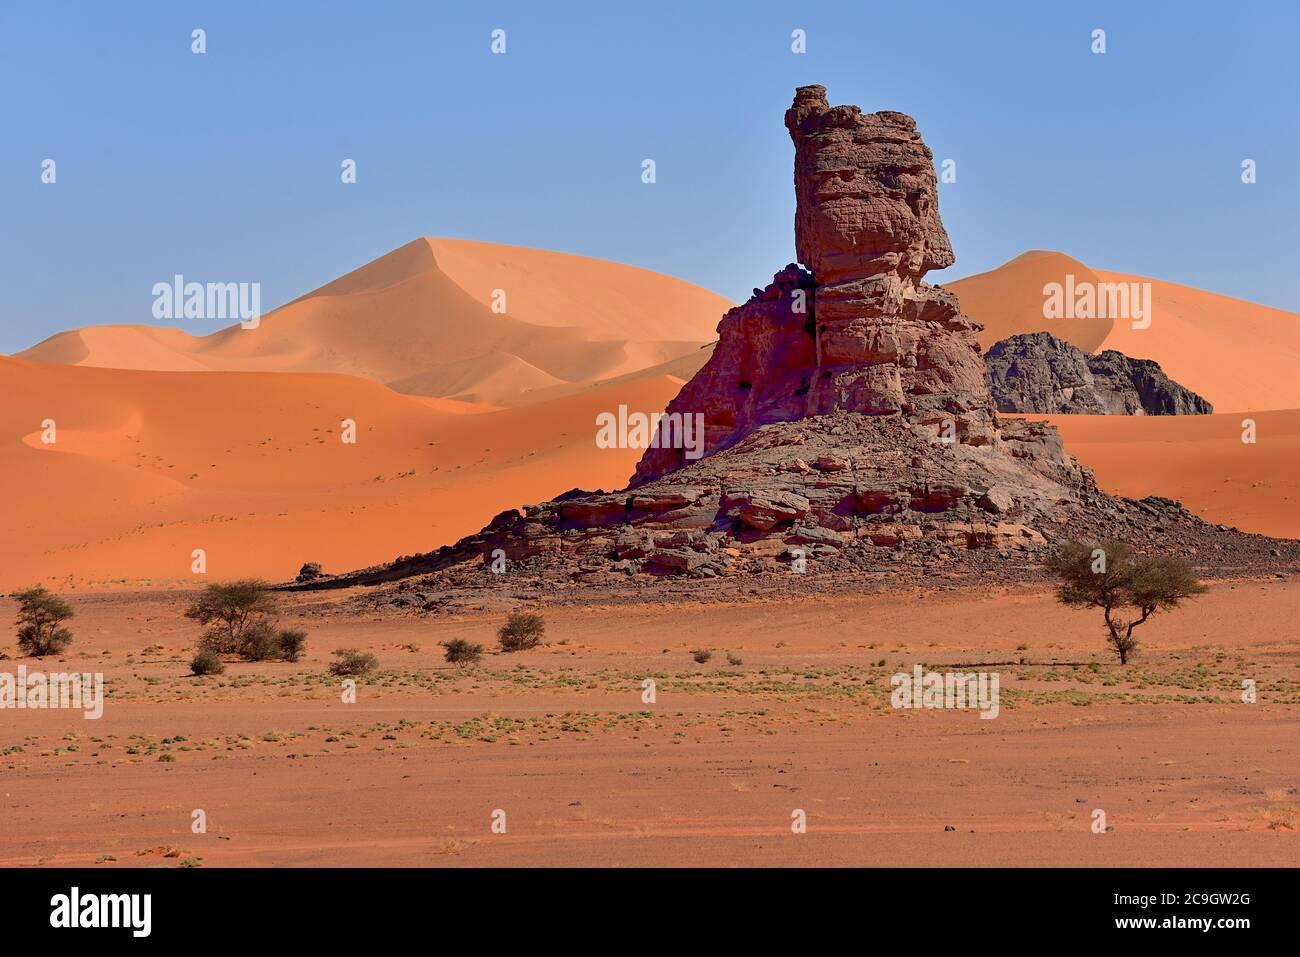 TADRART ROUGE , ARGELIA. DESIERTO DEL SAHARA. TIN MERZOUGA Y MUUL N AGA DUNAS DEL DESIERTO Y PATRONES DE ARENA. Foto de stock